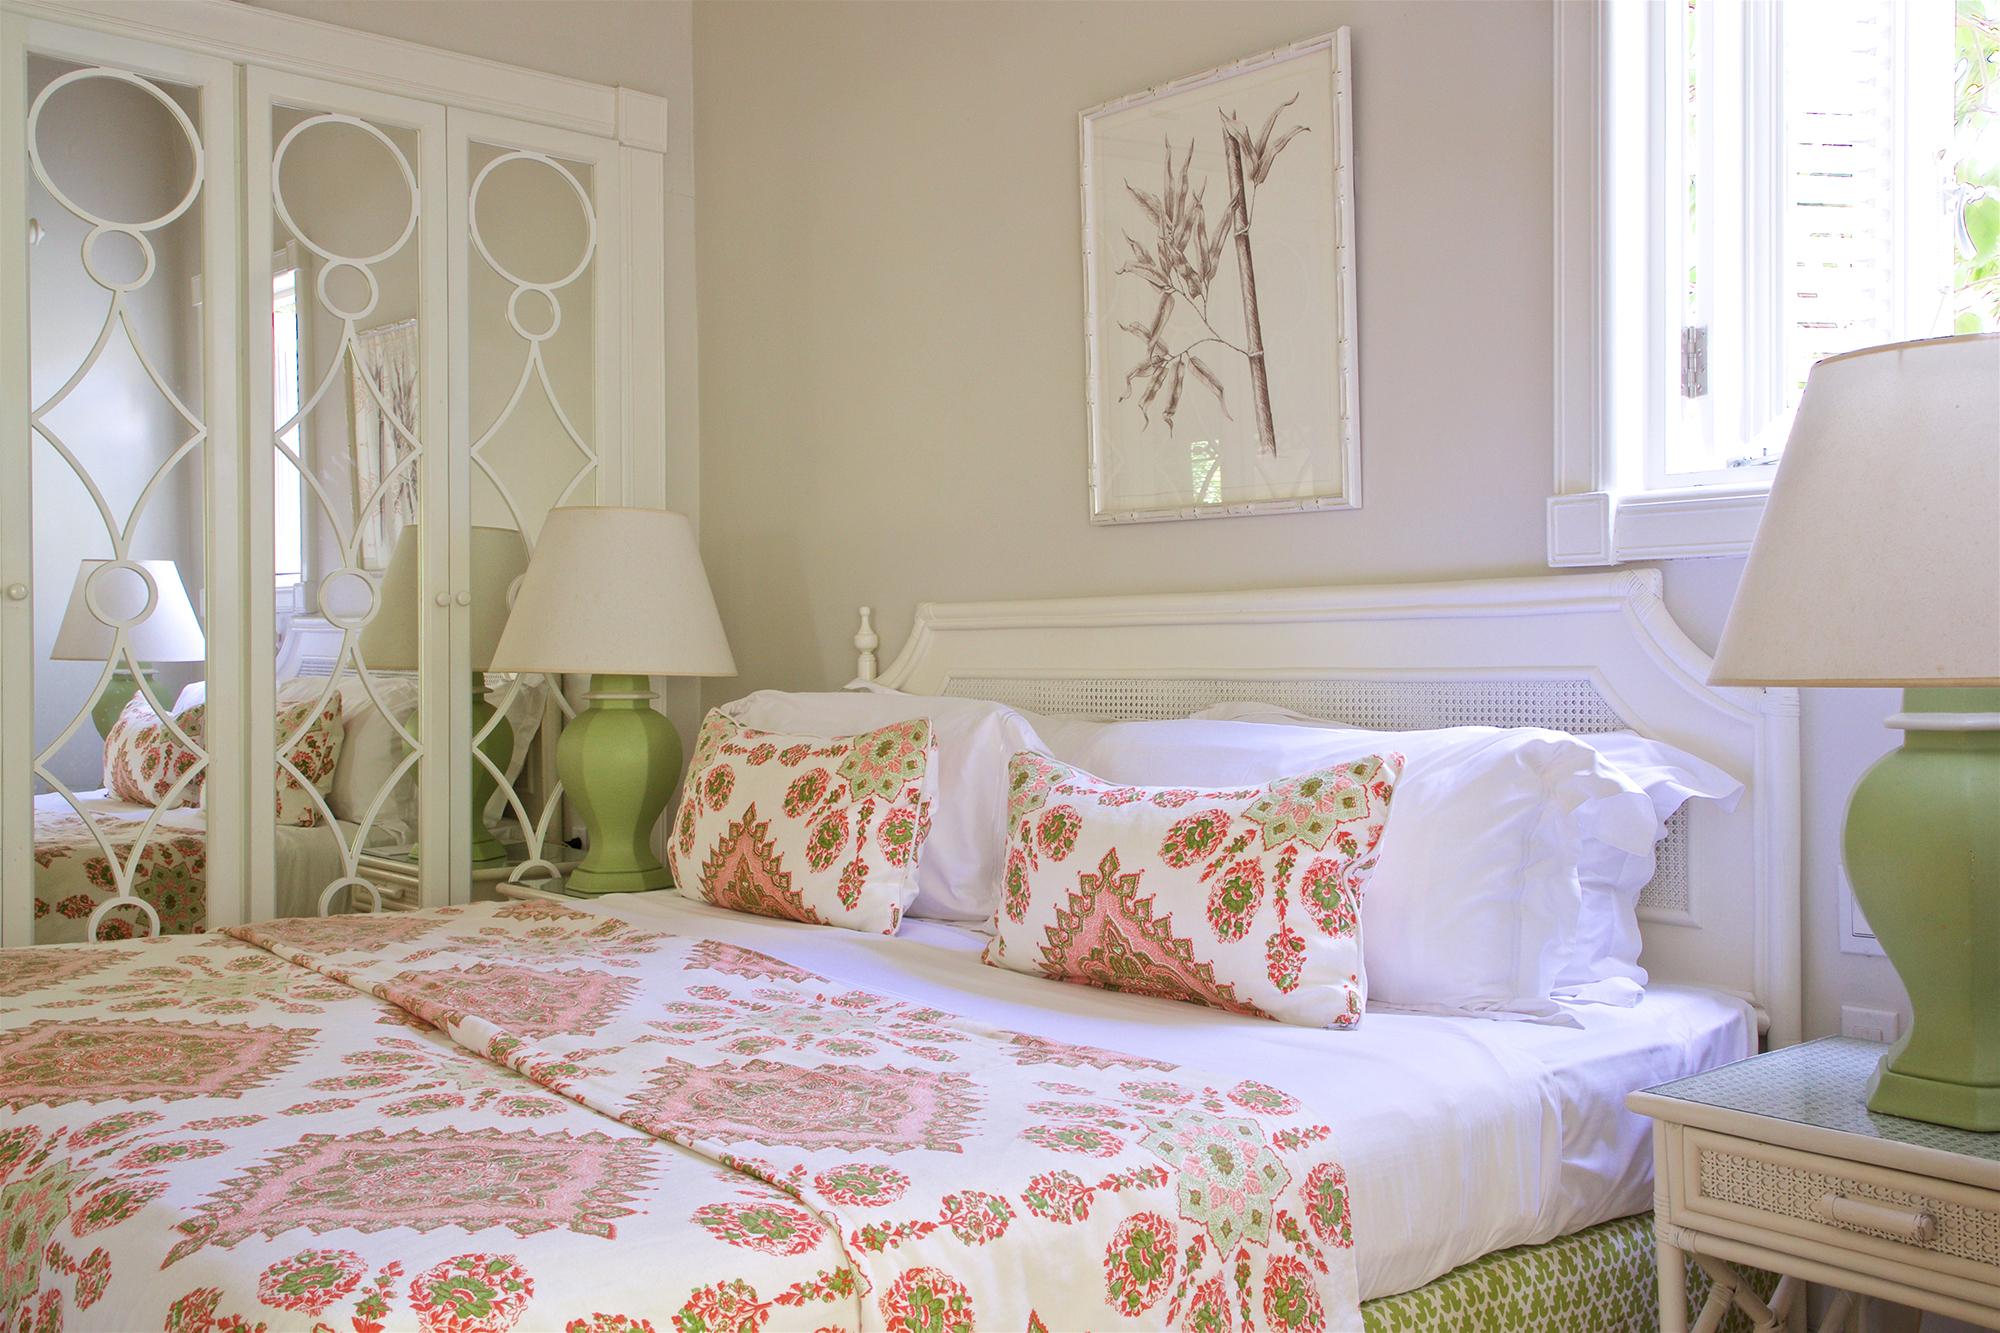 COBBLERS COVE TWO ROOM SUITES BEDROOM.jpg